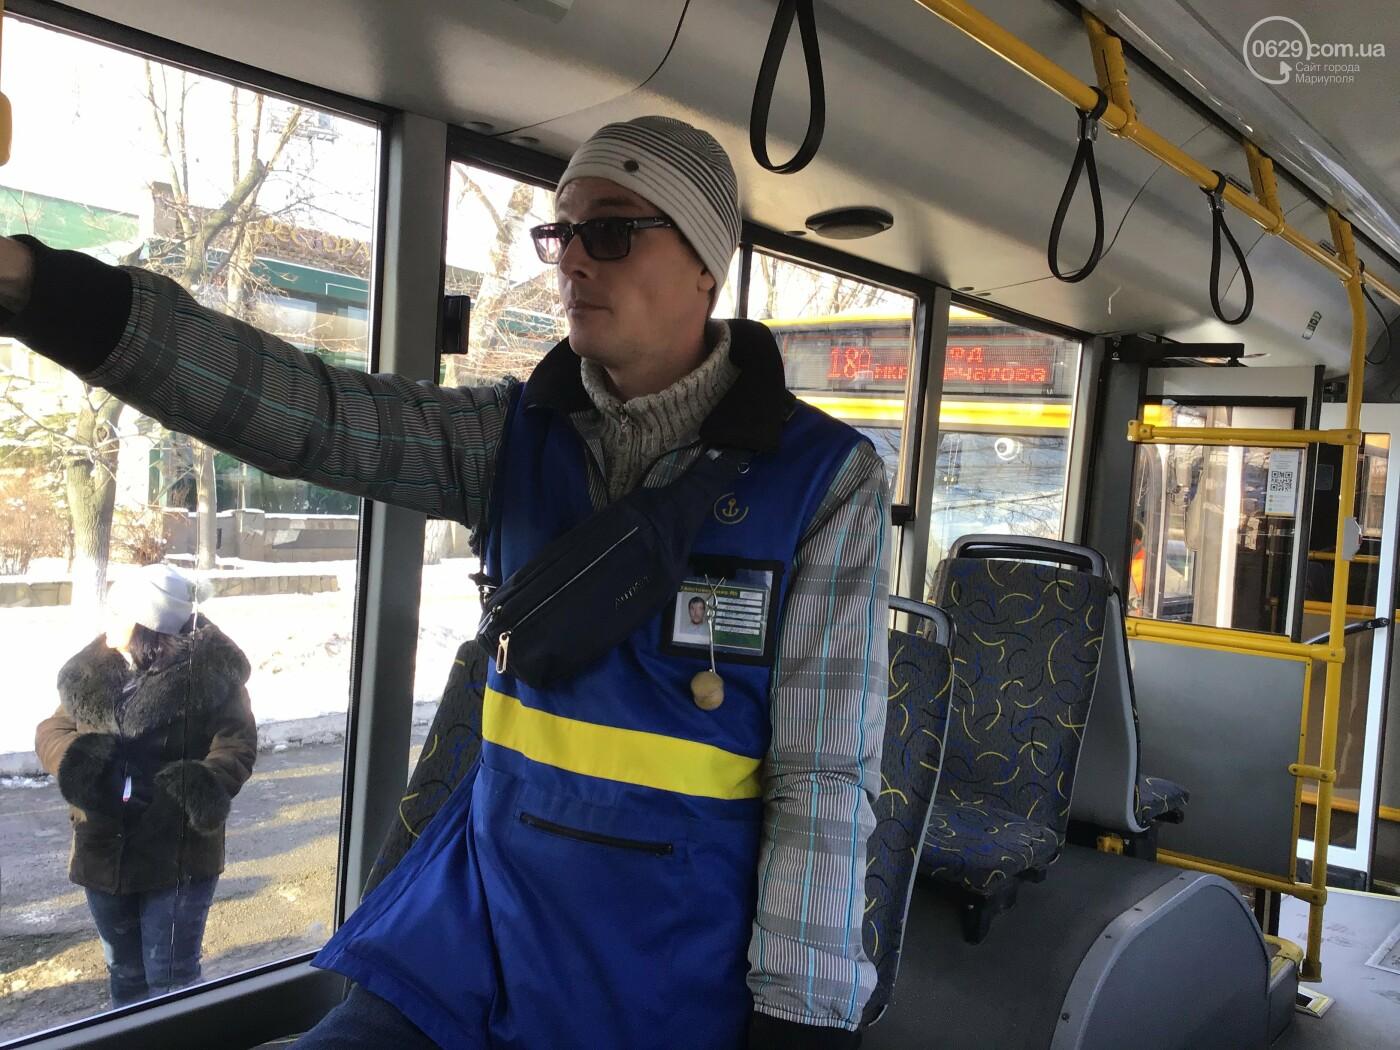 В Мариуполе запустили новый автобусный маршрут, соединивший 3 района, - ФОТО, ВИДЕО, фото-4